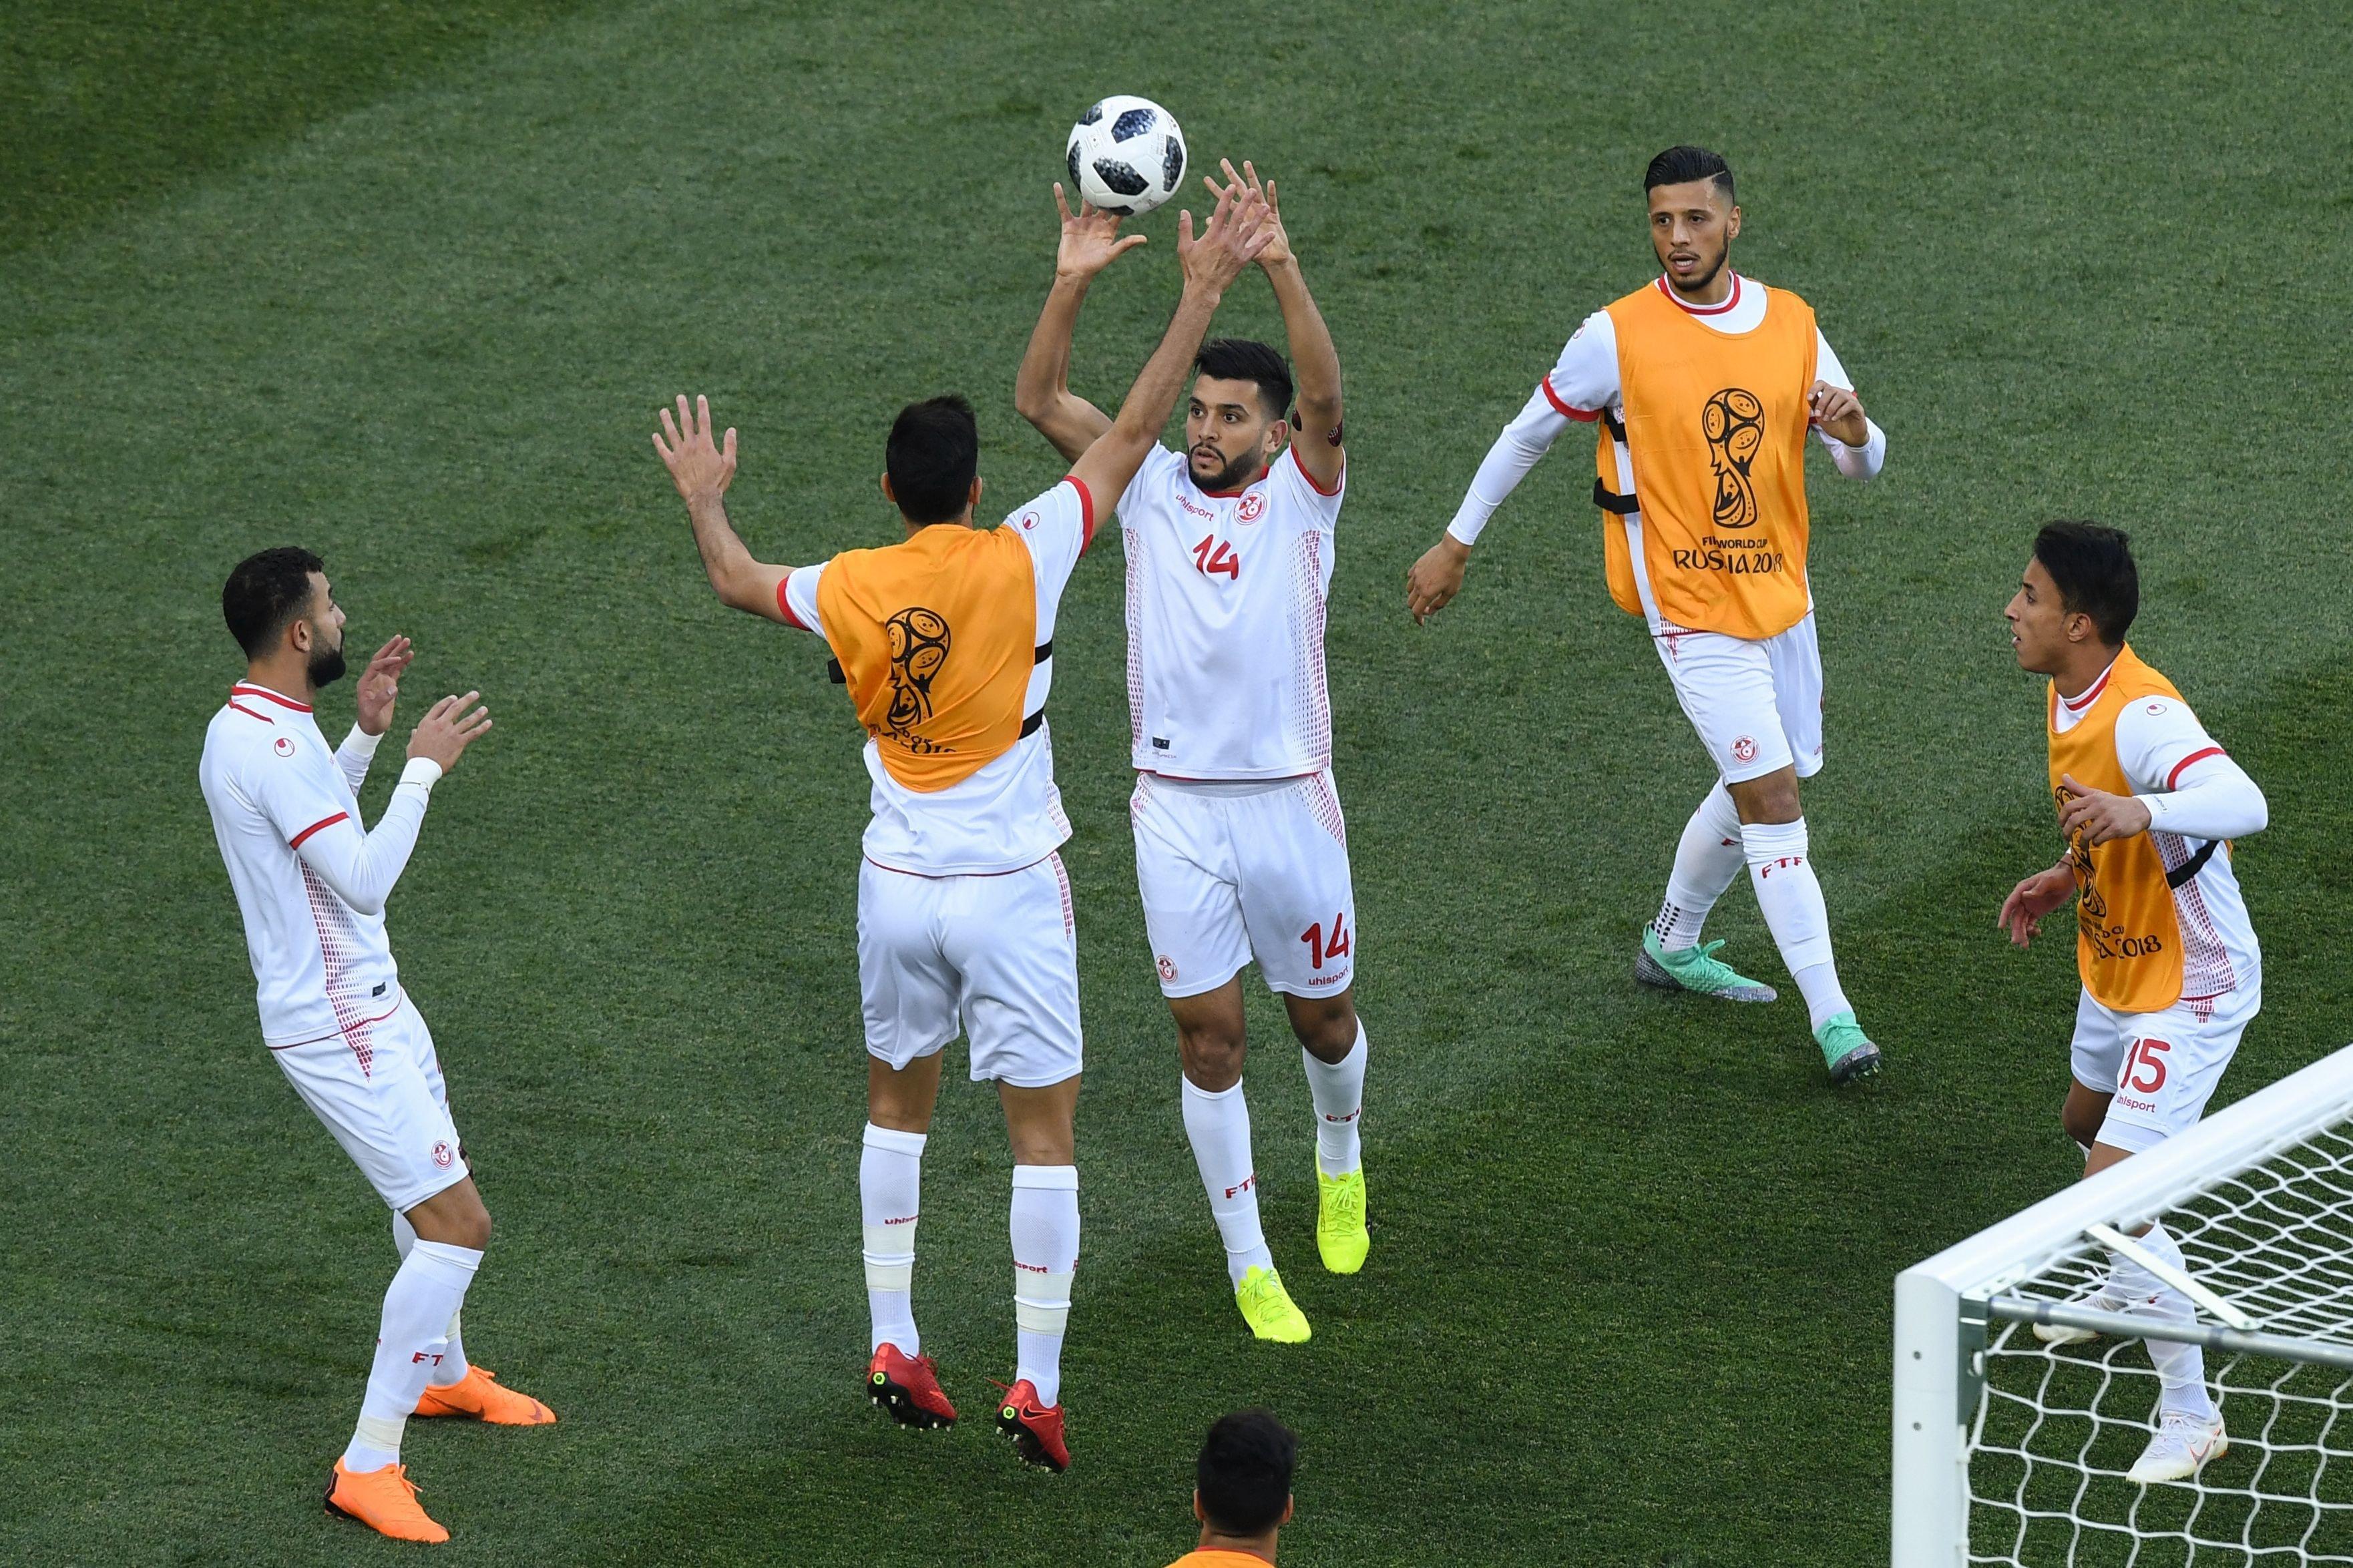 Quand Téléfoot raille l'entrainement de l'équipe nationale tunisienne avant son match face à la